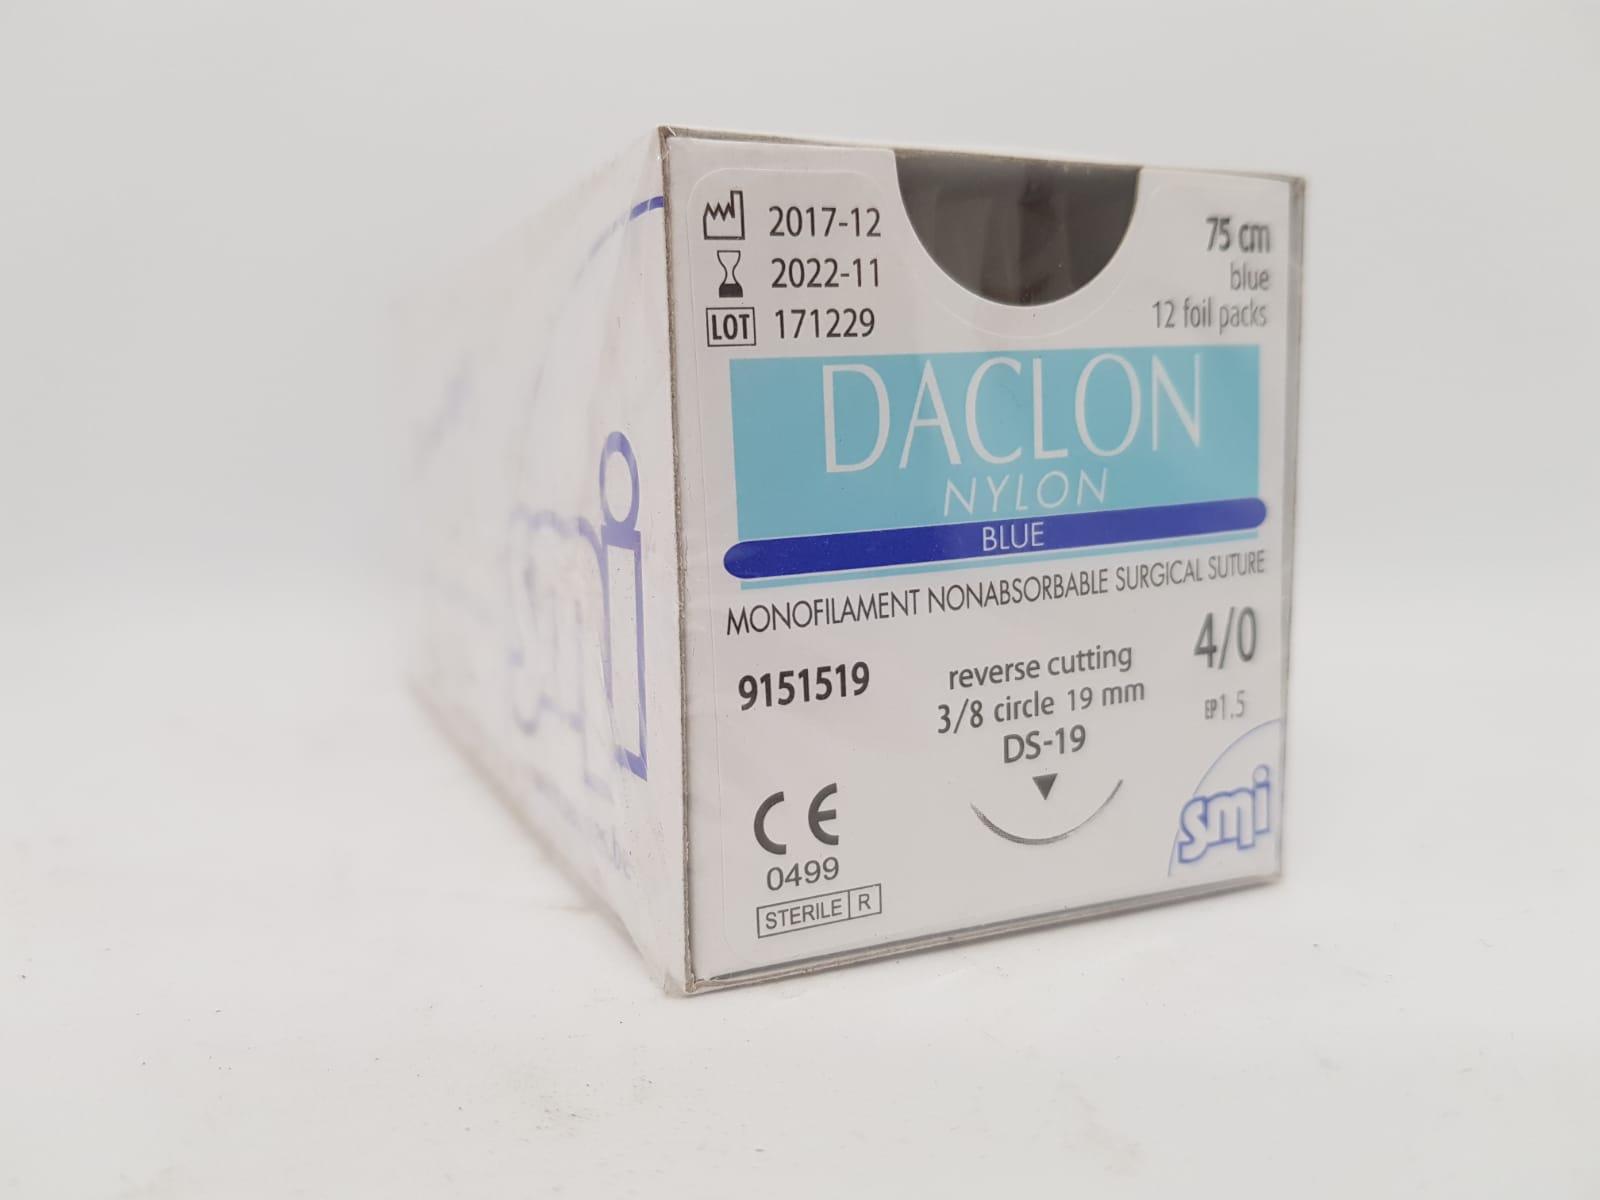 Suture Daclon 4/0 Circ DS19mm 75cm Blue, Box 12